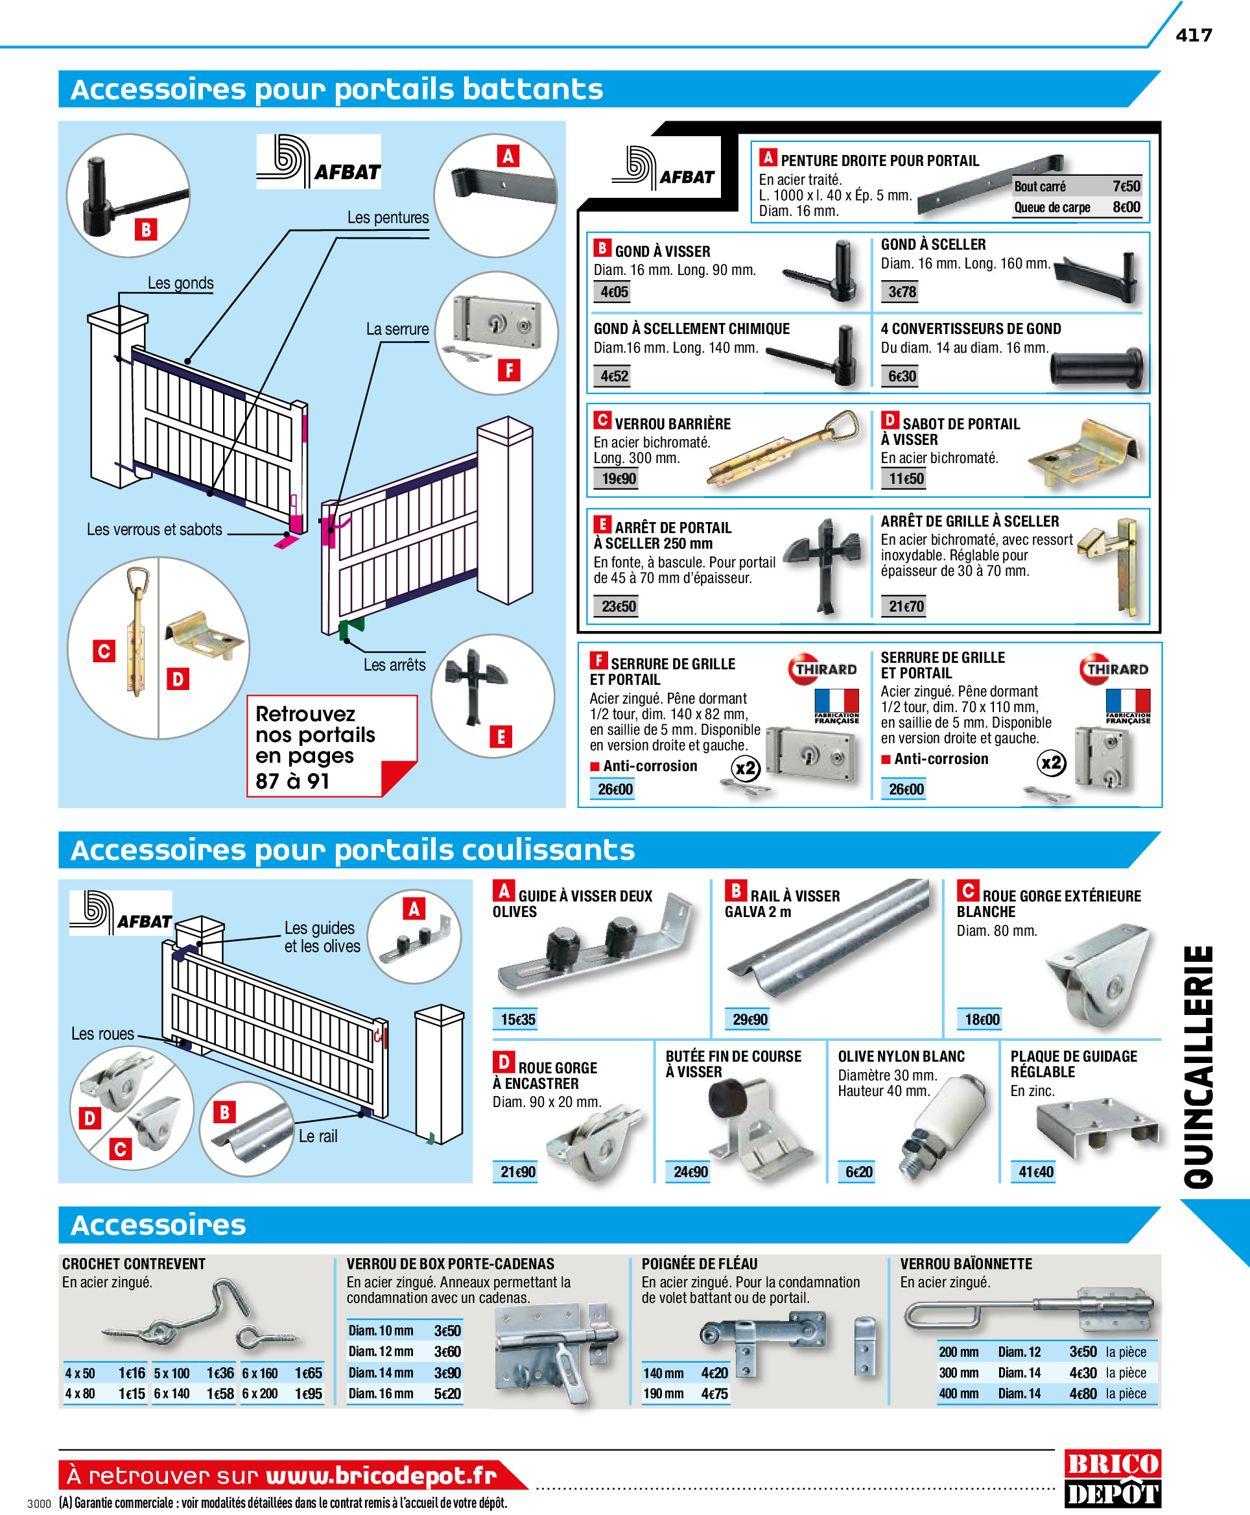 Brico Dépôt Catalogue Actuel 27.03 - 29.05.2020 [417 concernant Roue Pour Portail Coulissant Brico Depot